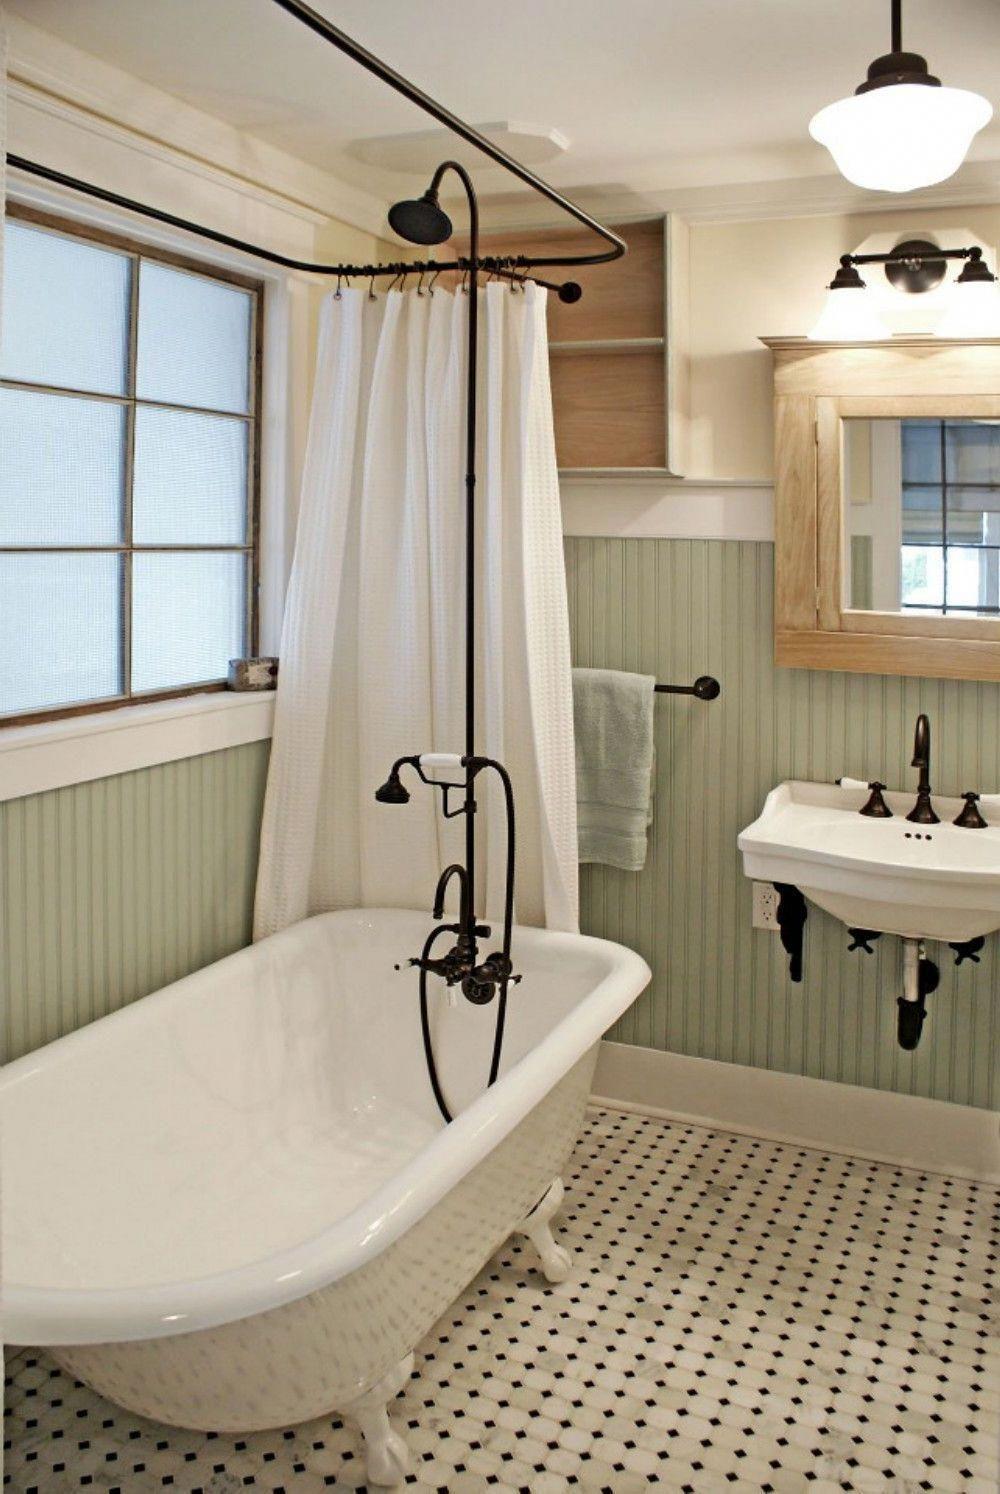 Pin Decoria On Bathroom Decorating Ideas Bathroom Vintage With Regard To Vintage Bathroom Designs Tiny House Bathroom Vintage Bathroom Decor Vintage Bathrooms